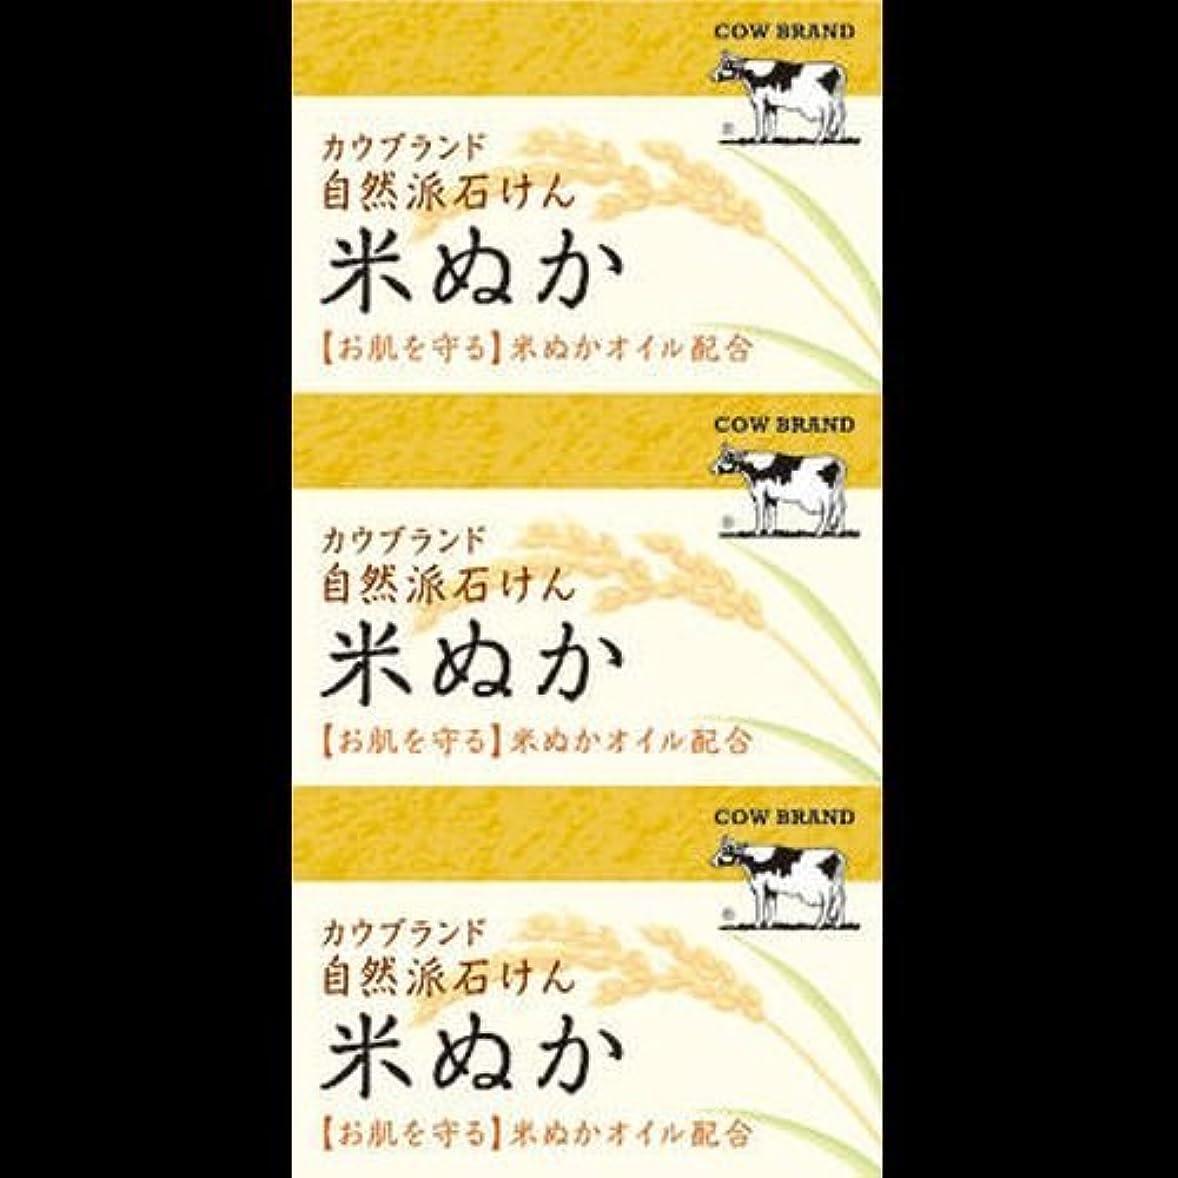 トンネル代数的飾り羽【まとめ買い】カウブランド 自然派石けん 米ぬか 100g*3個 ×2セット